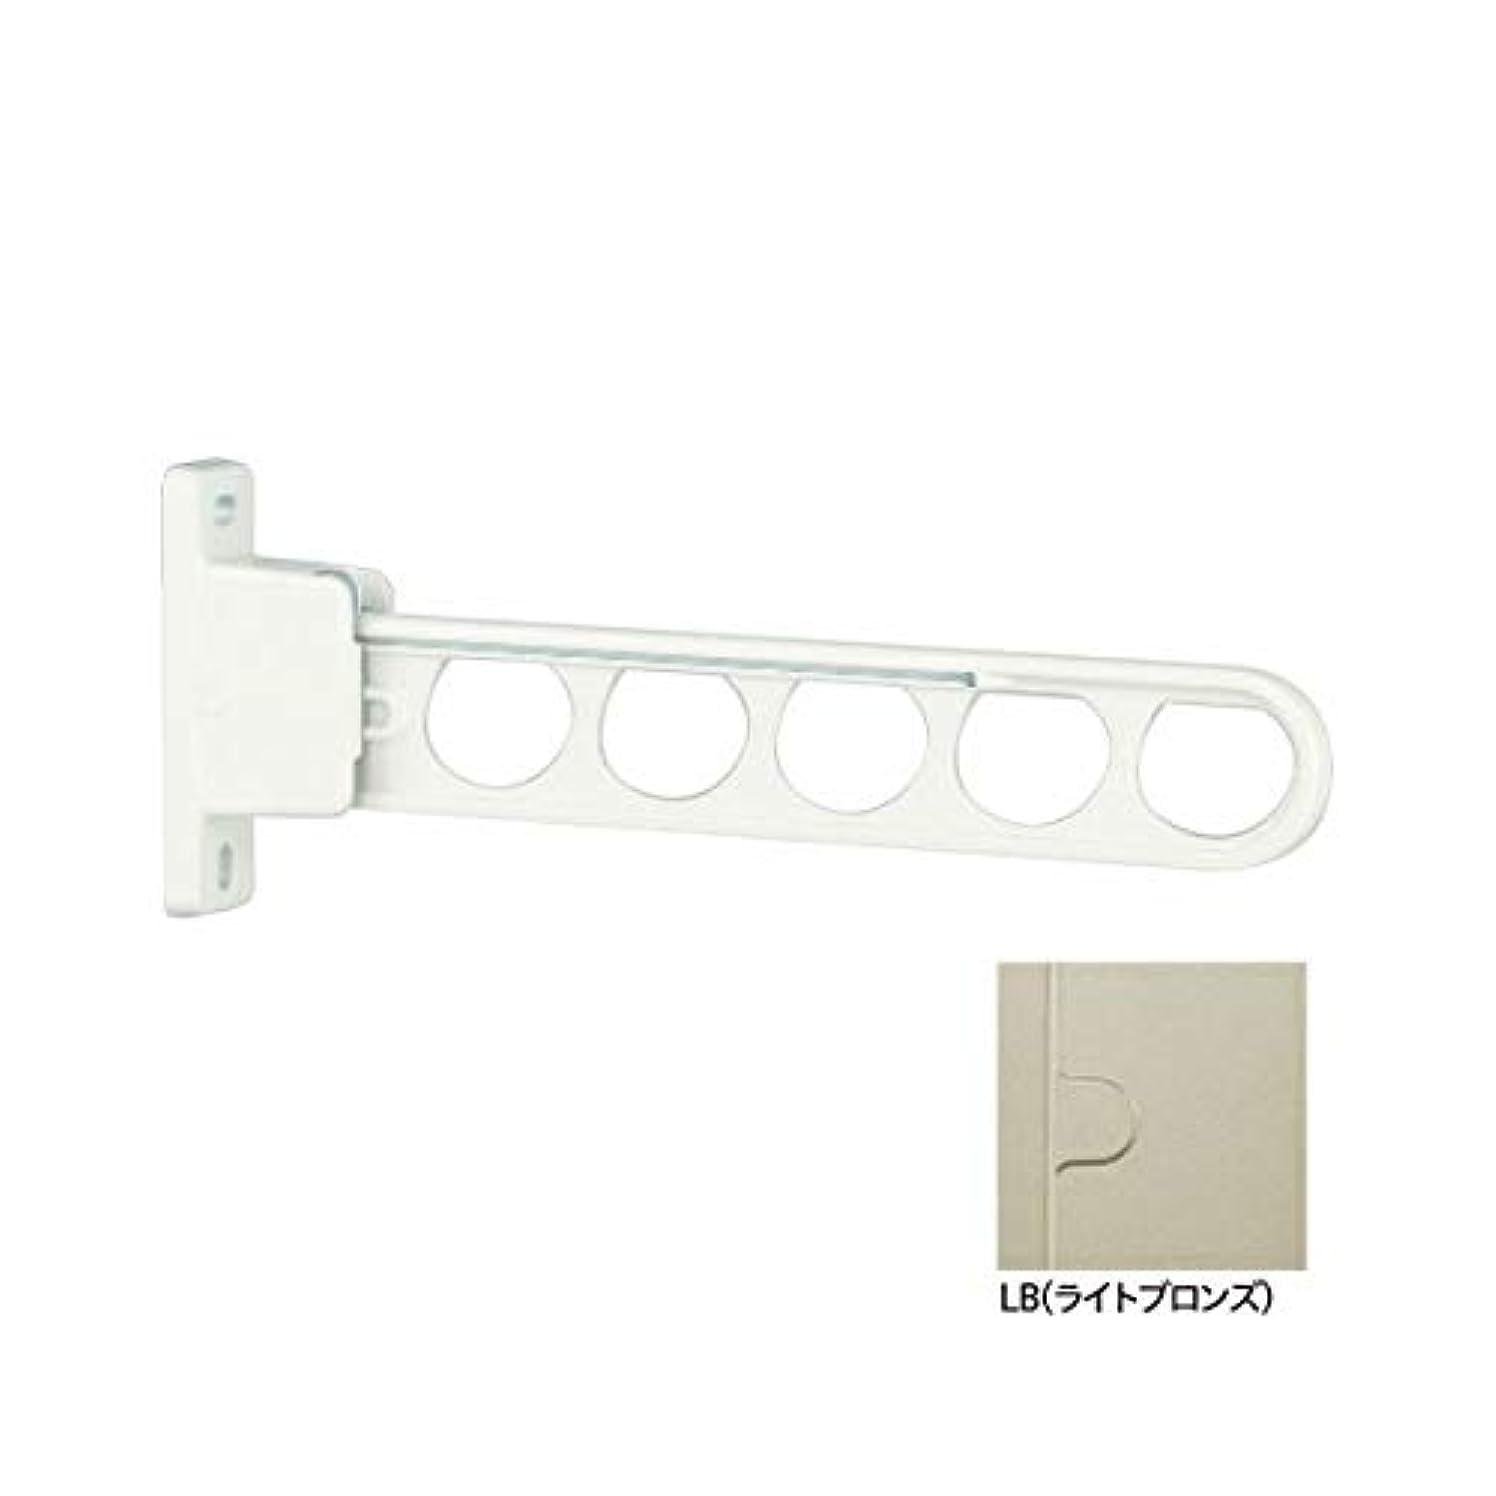 今までモネブラスト川口技研:腰壁用ホスクリーン HC-45型(2本入) LB(ライトブロンズ) HC-45-LB